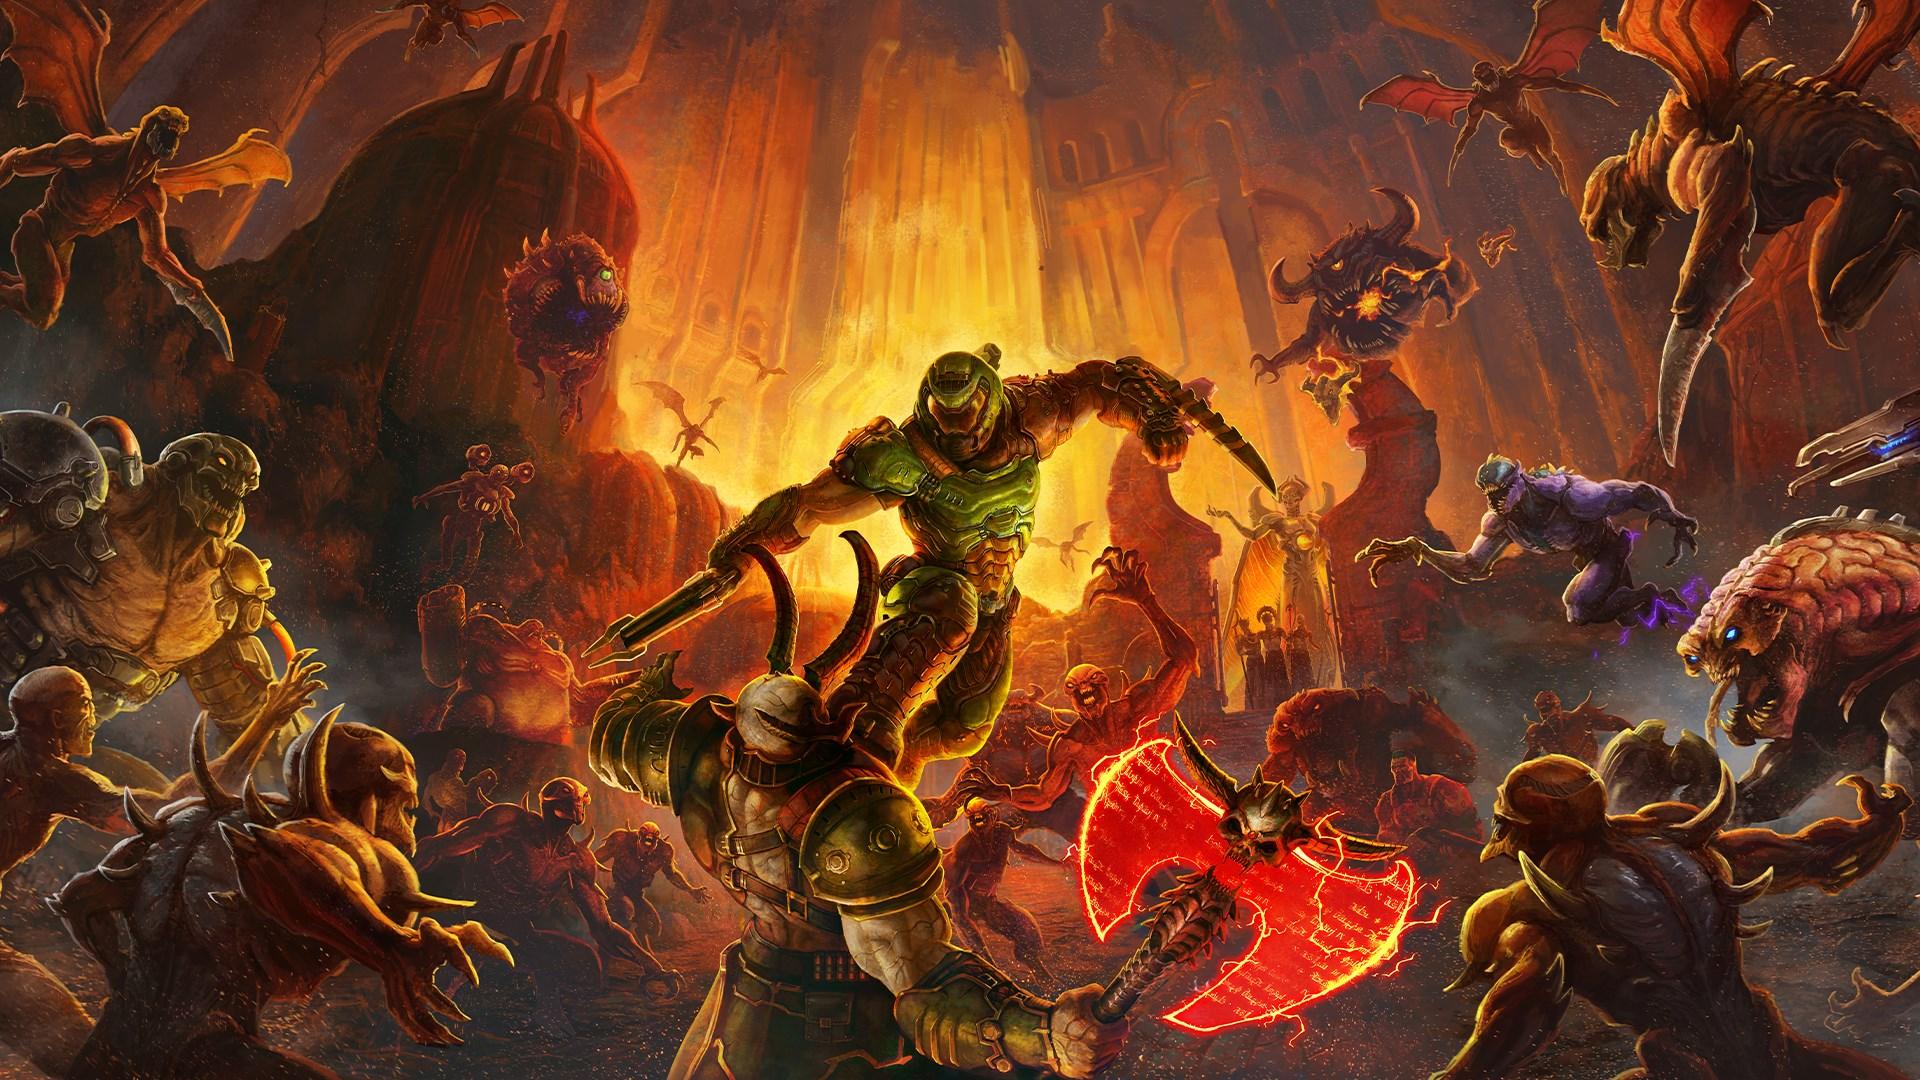 Here's Doom Eternal running at 4K 120fps on an RTX 3080 thumbnail